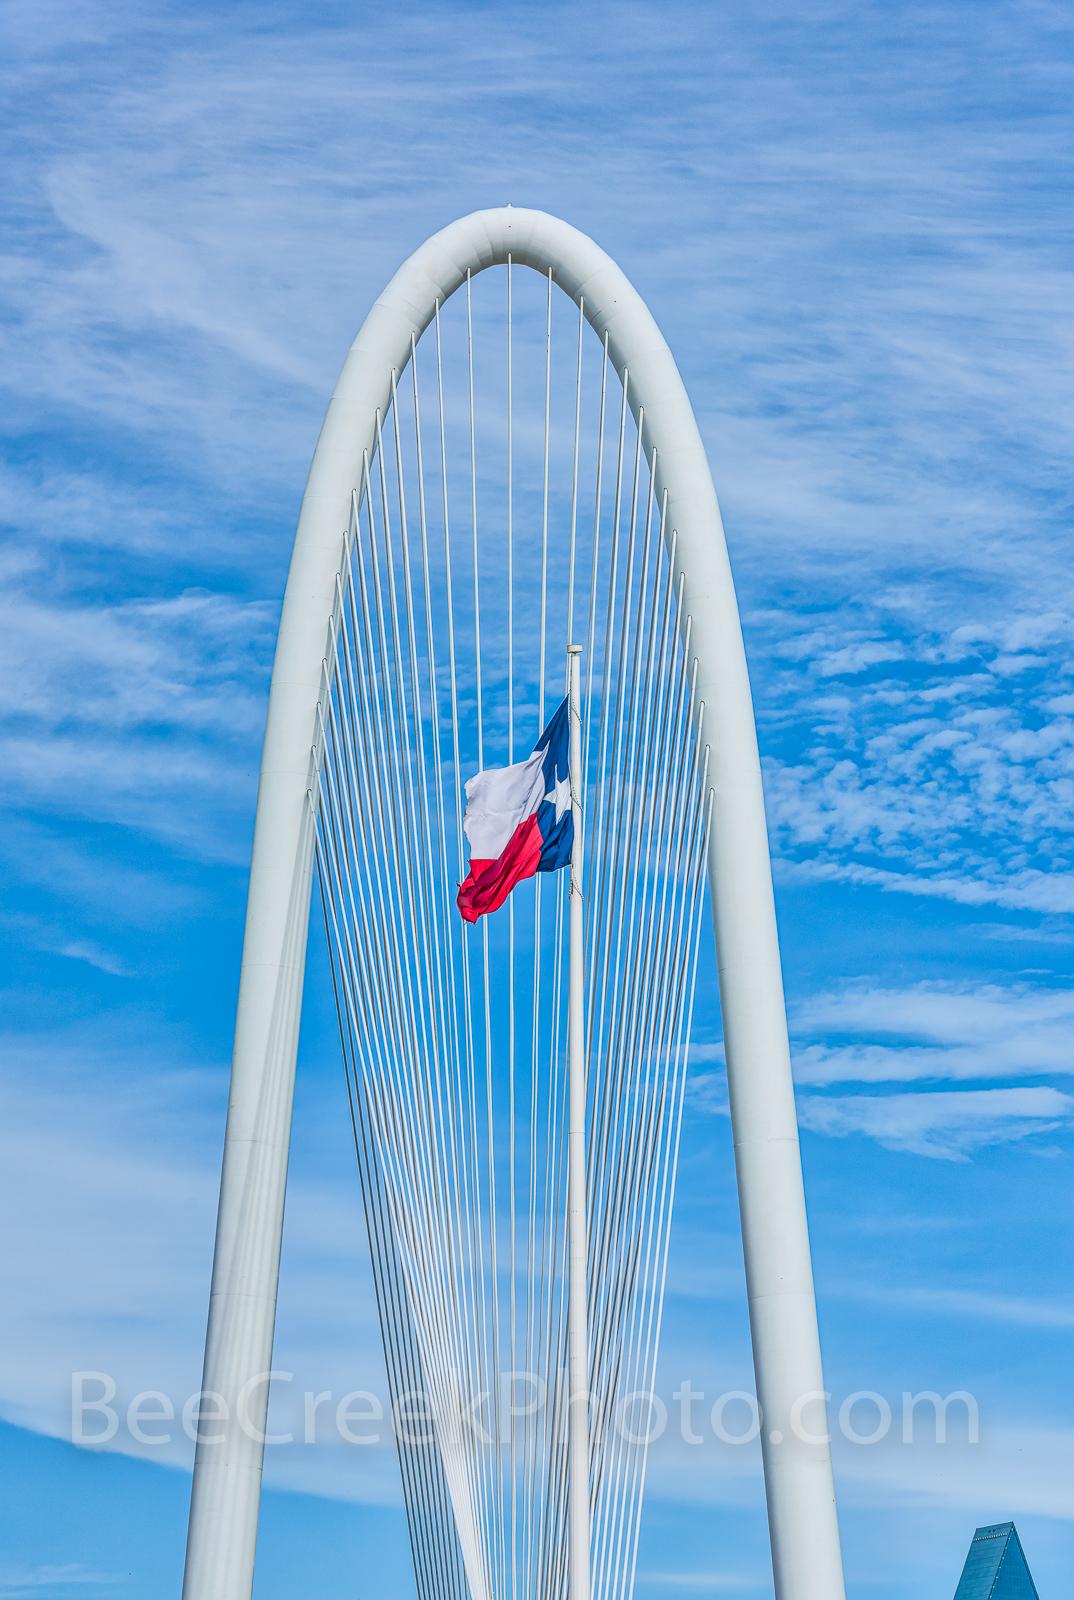 Dallas, Texas Flag, Margaret Hunt Hill bridge, bridge, arch, architecture, cityscape, city, downtown, urban,, photo